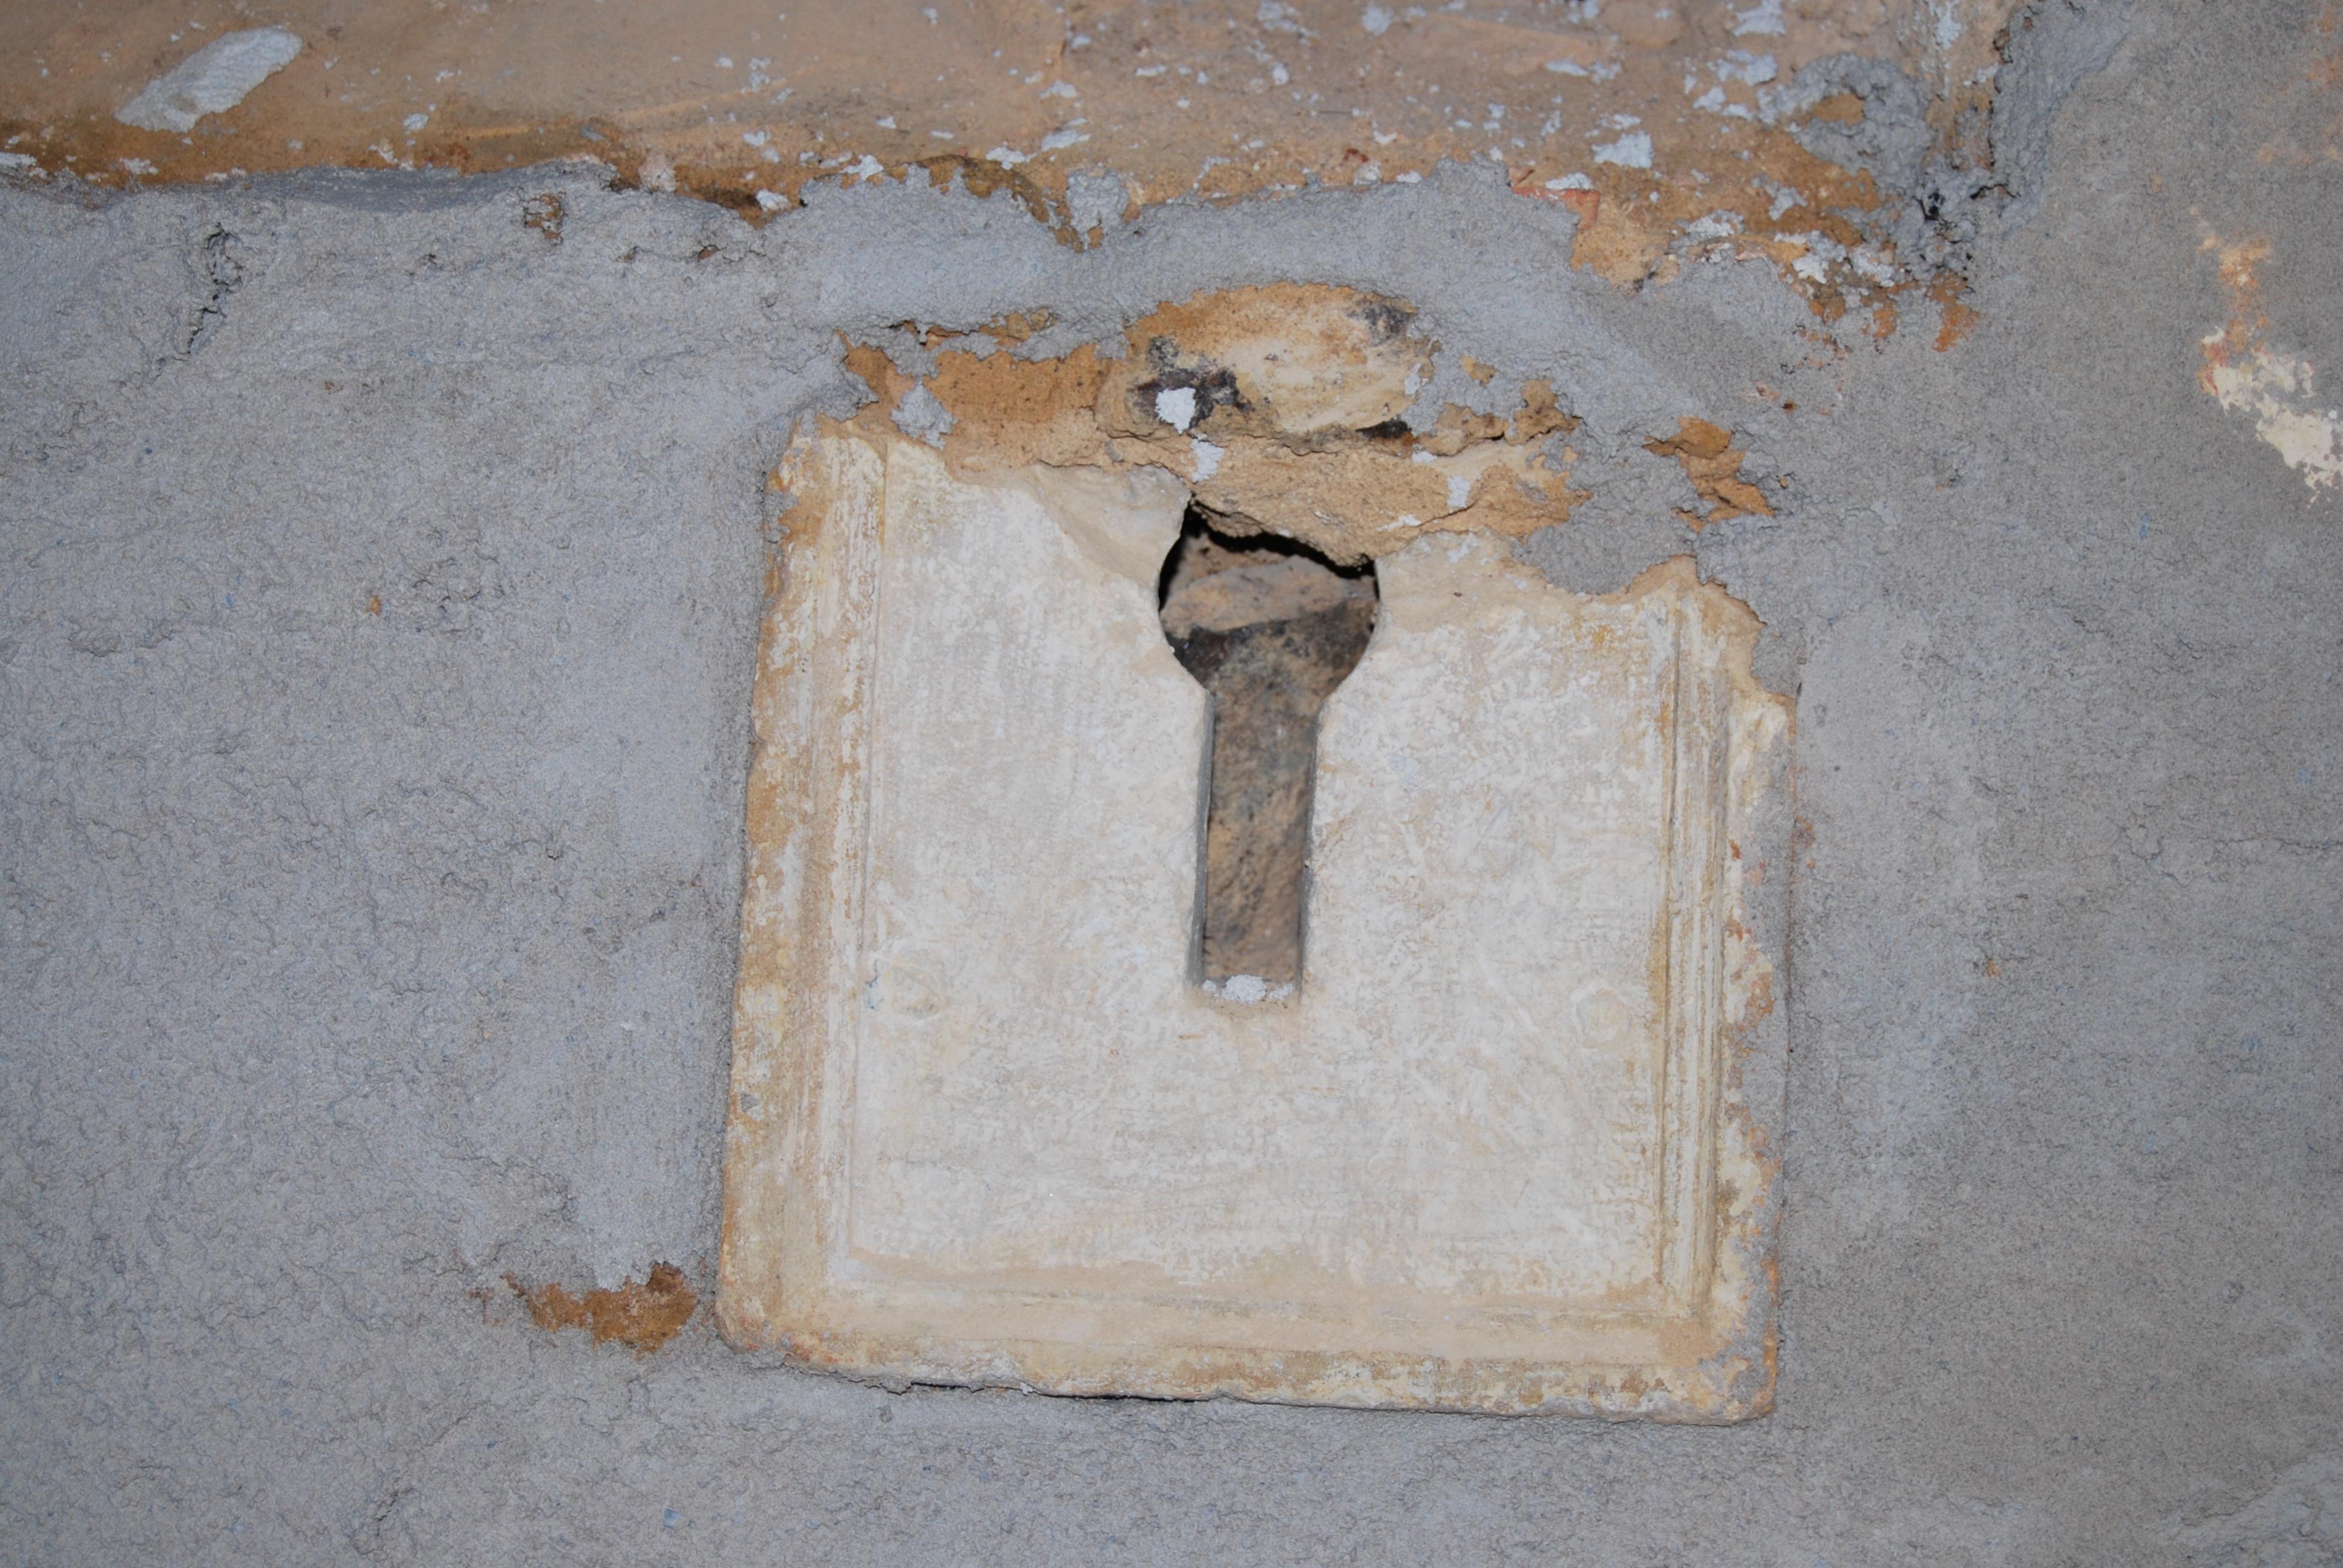 FilePierre énigmatique dans léglise de SaintGeorgesduBoisjpg